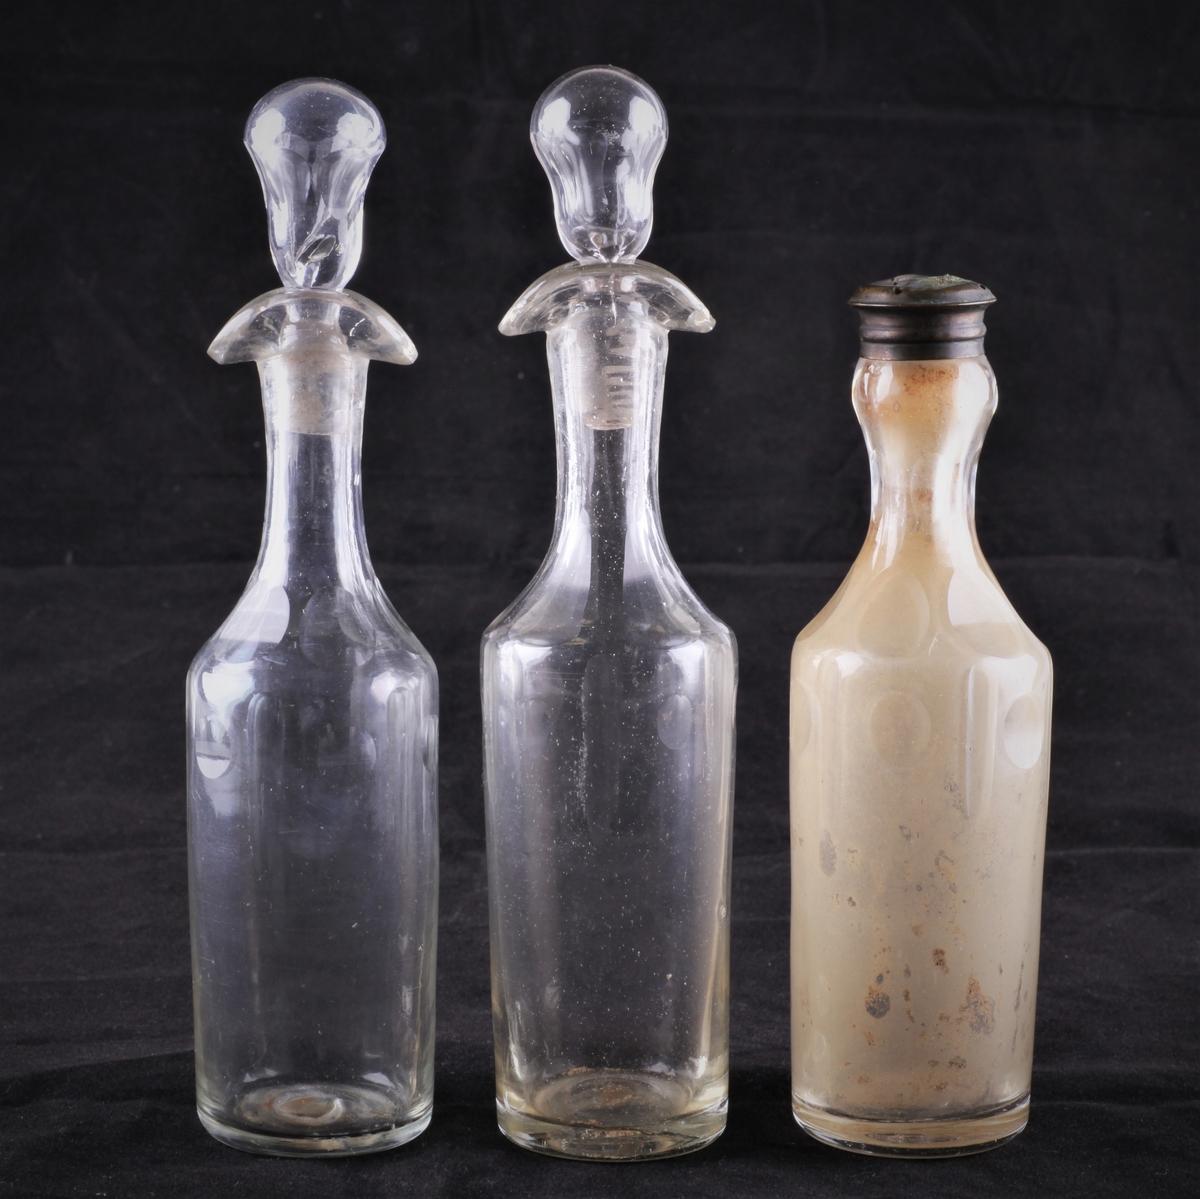 Flasken har en slank form, og en skrukork av messing. Korken har hull til å drysse. Flasken er dekorert med slipte sirkler og riller.